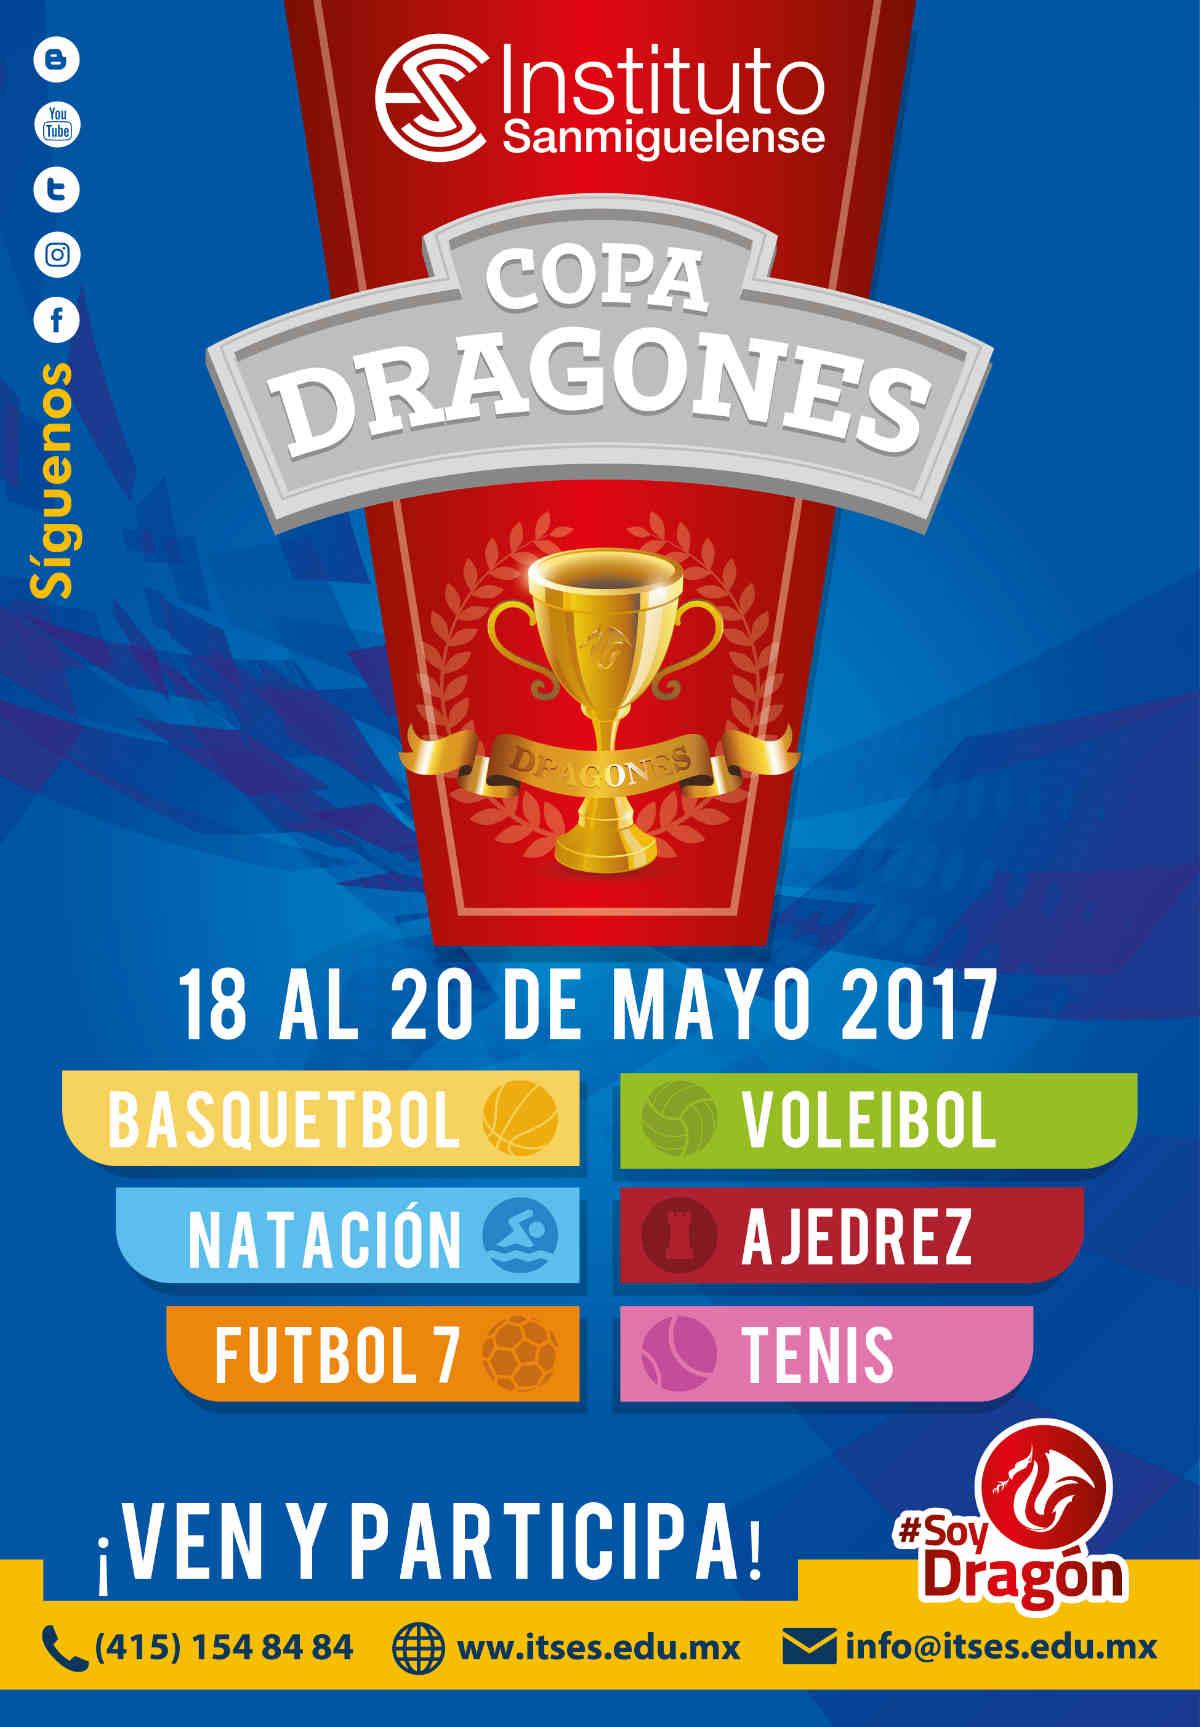 Copa Dragones Instituto Sanmiguelense 2017